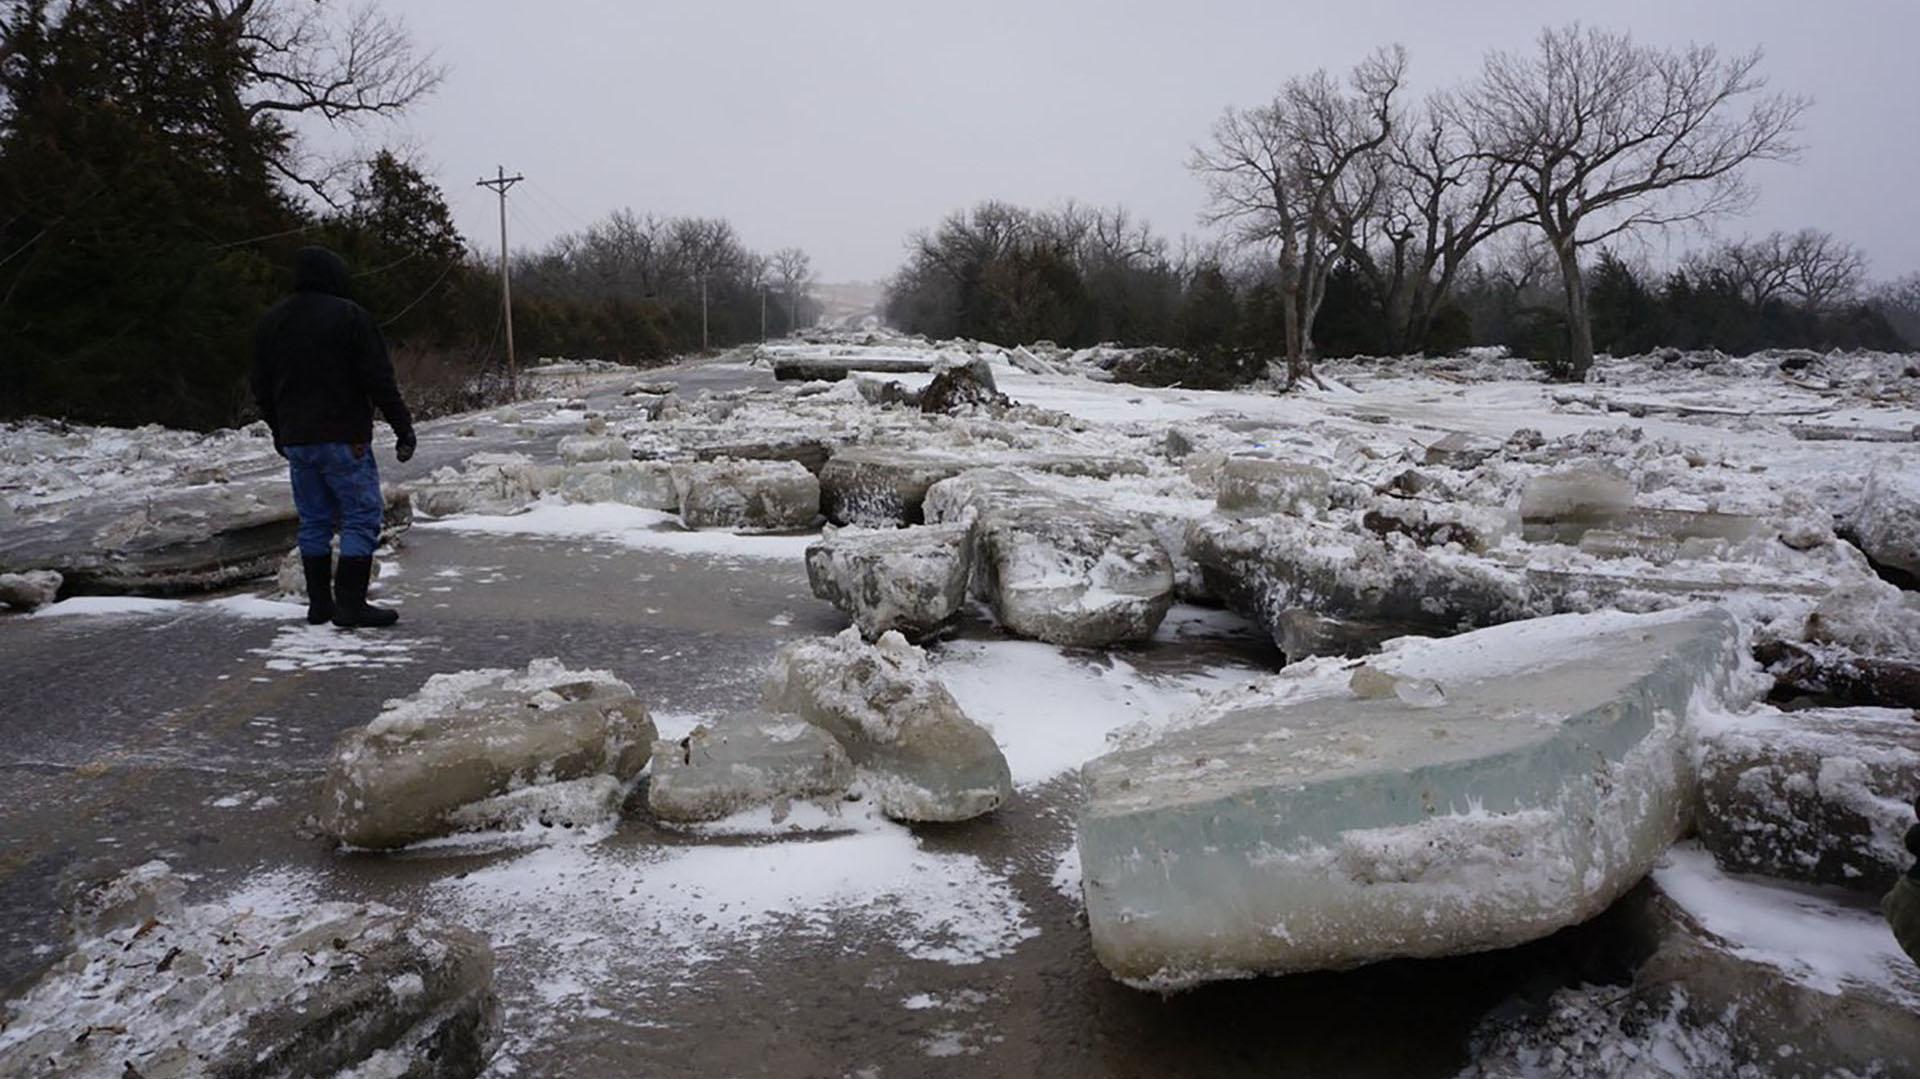 Se producen por la combinación de heladas, que congelan la capa superior de la corriente, y el aumento del caudal, lo que hace que se desborde el hielo